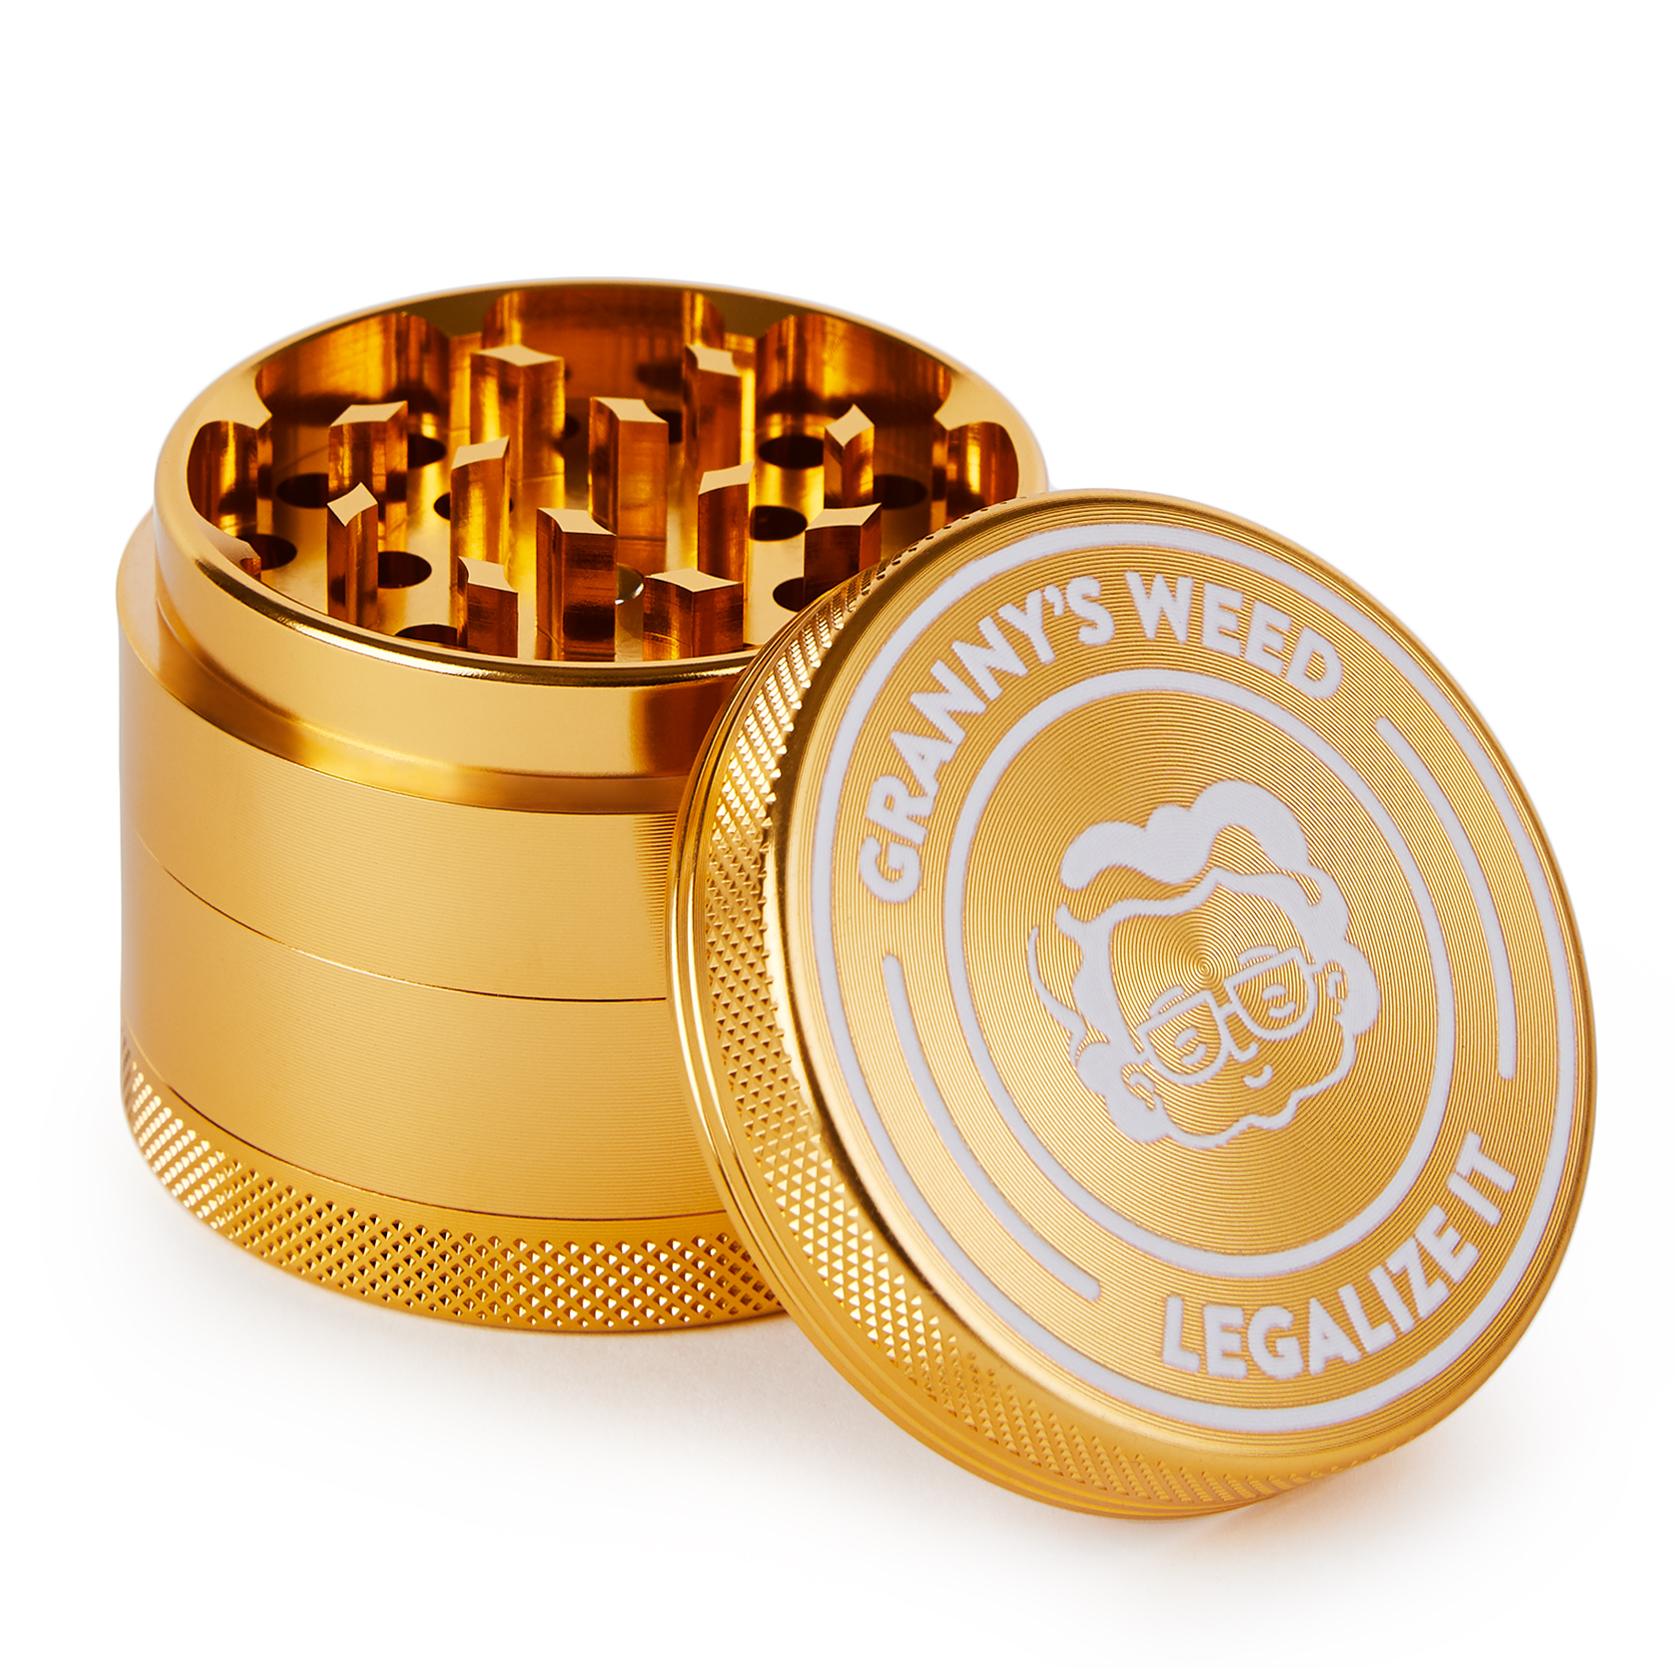 Grinder Aluminium Gold - Grannys Weed